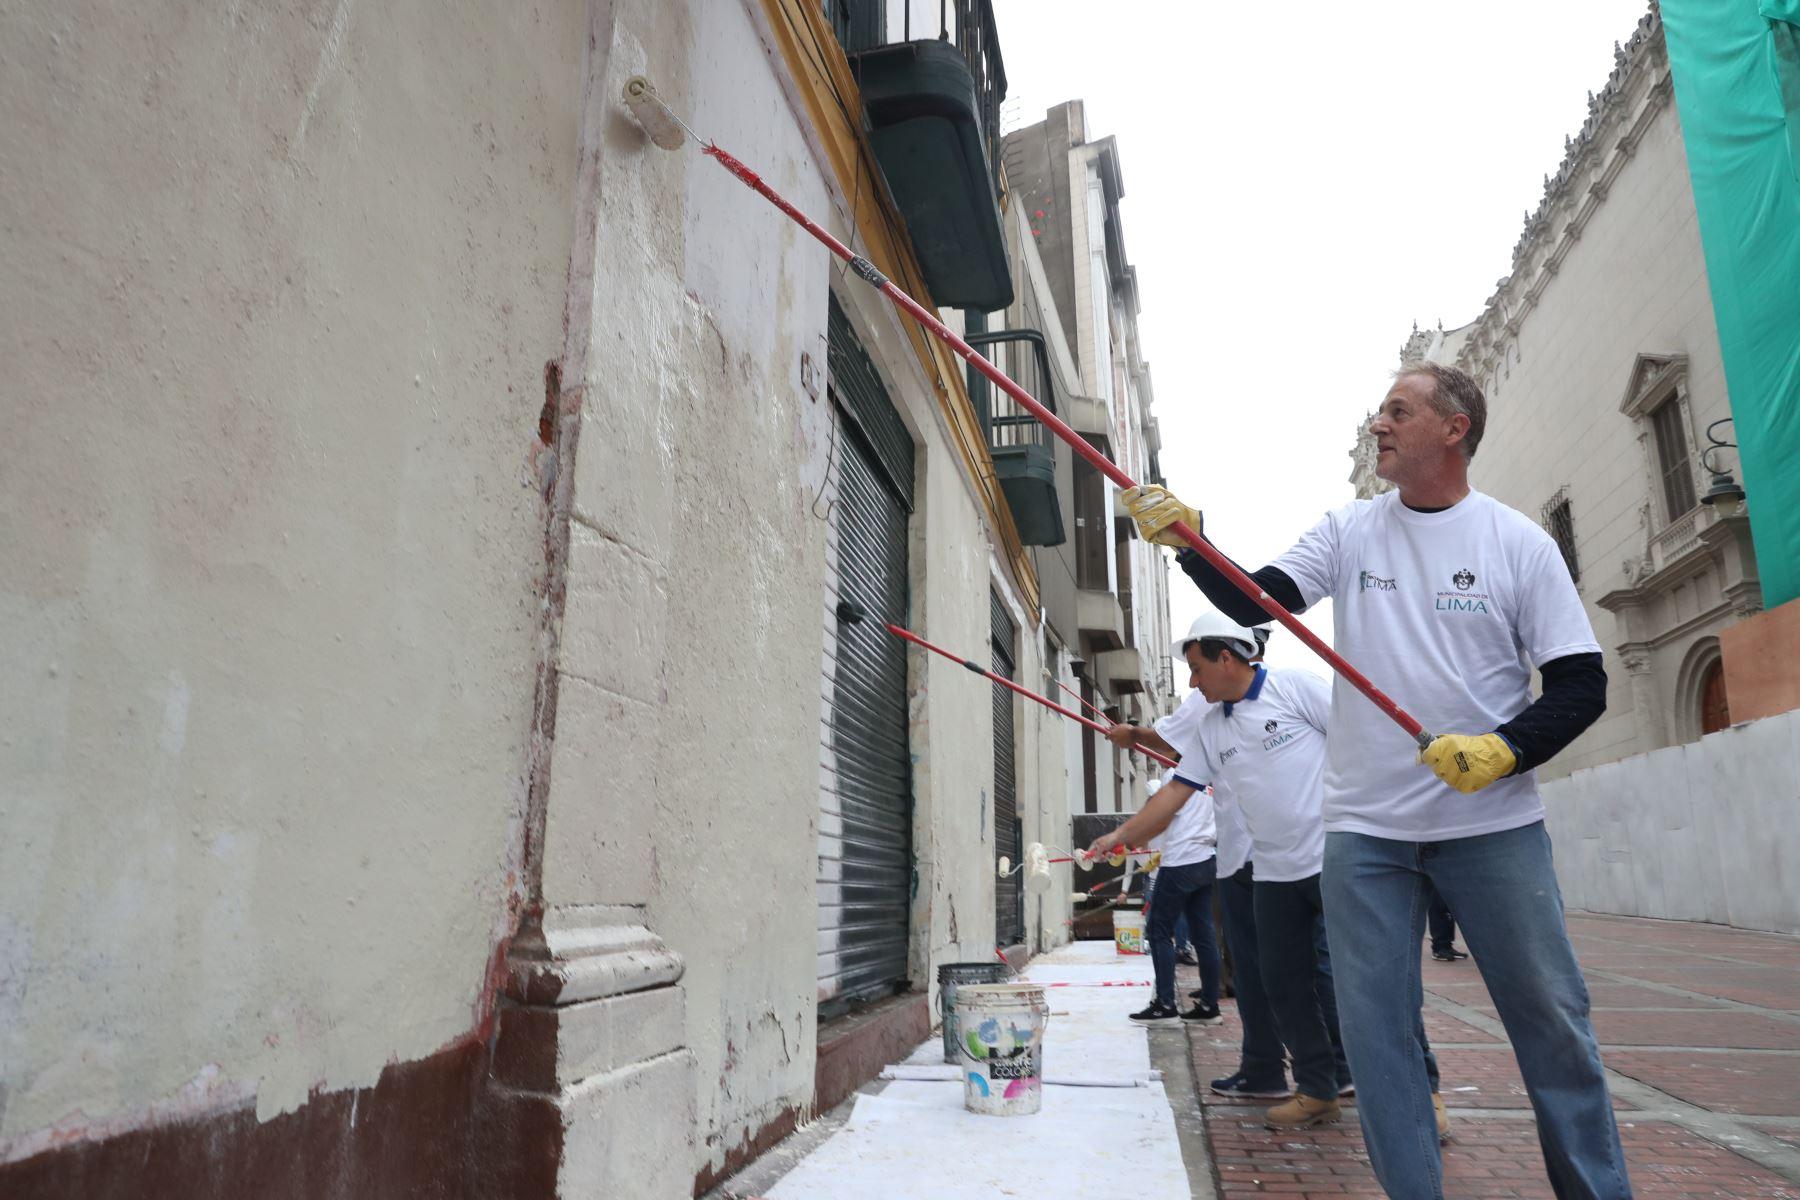 Alcalde de Lima, Jorge Muñoz lidera operativo de limpieza y salud pública en calles de Lima. Foto: ANDINA/Melina Mejía